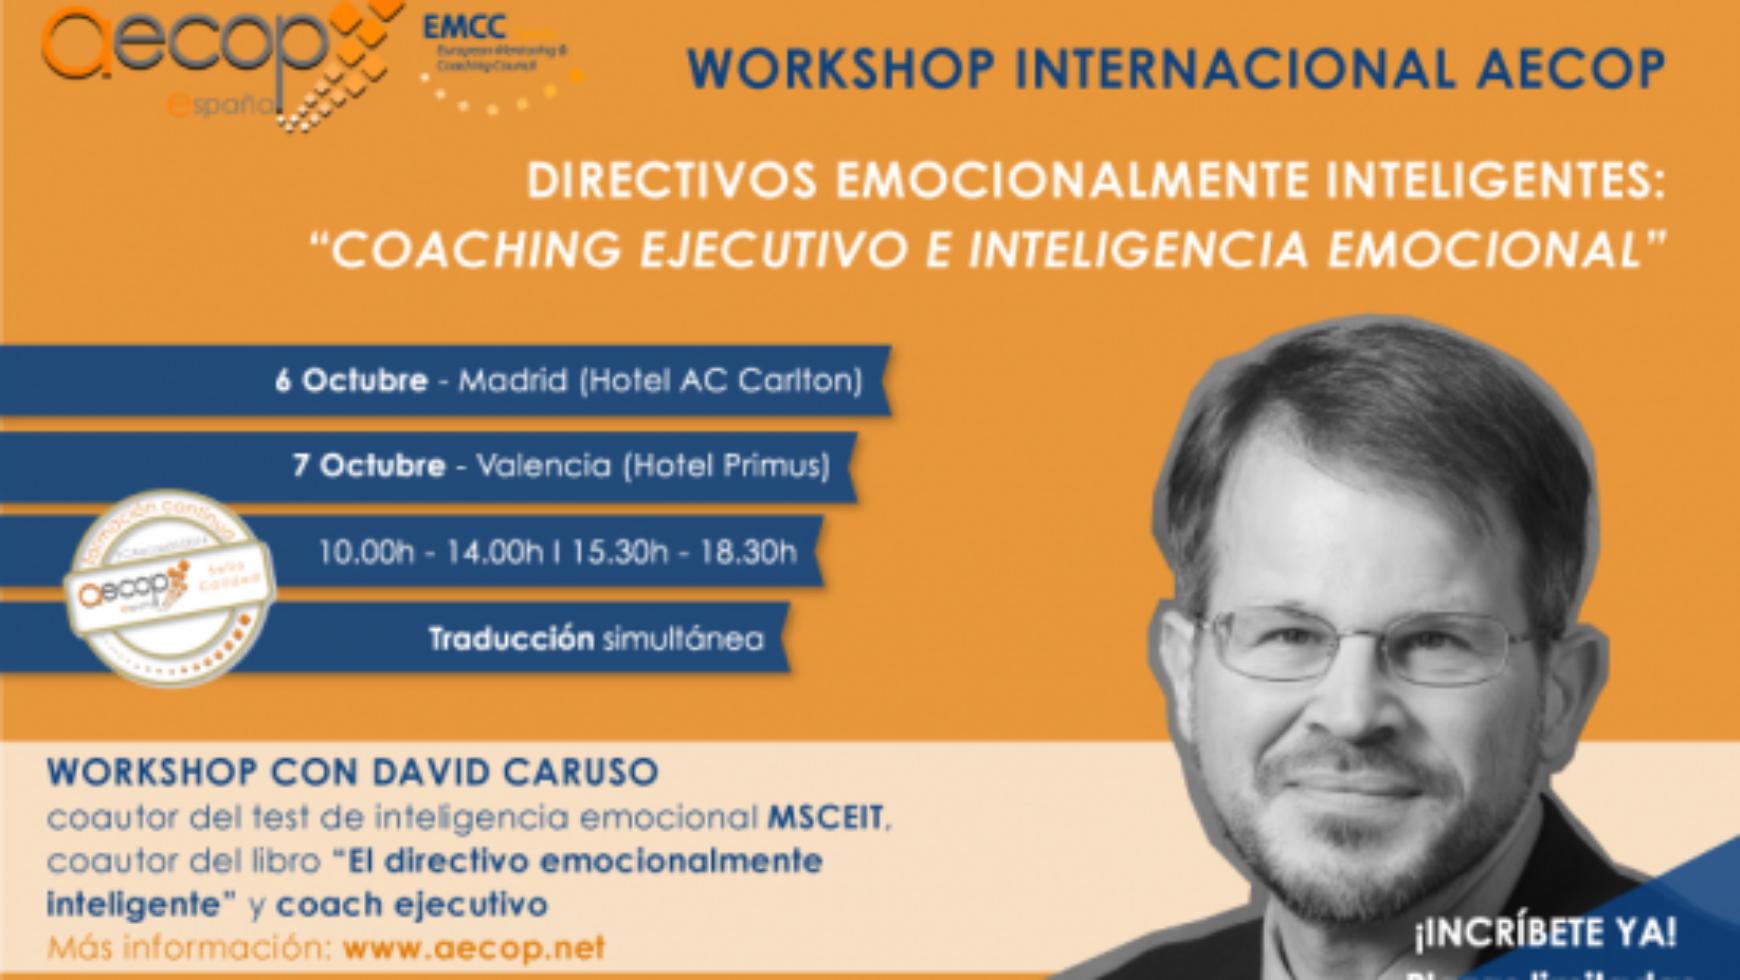 Workshop con David Caruso en Valencia el 7 de Octubre organizado por Aecop